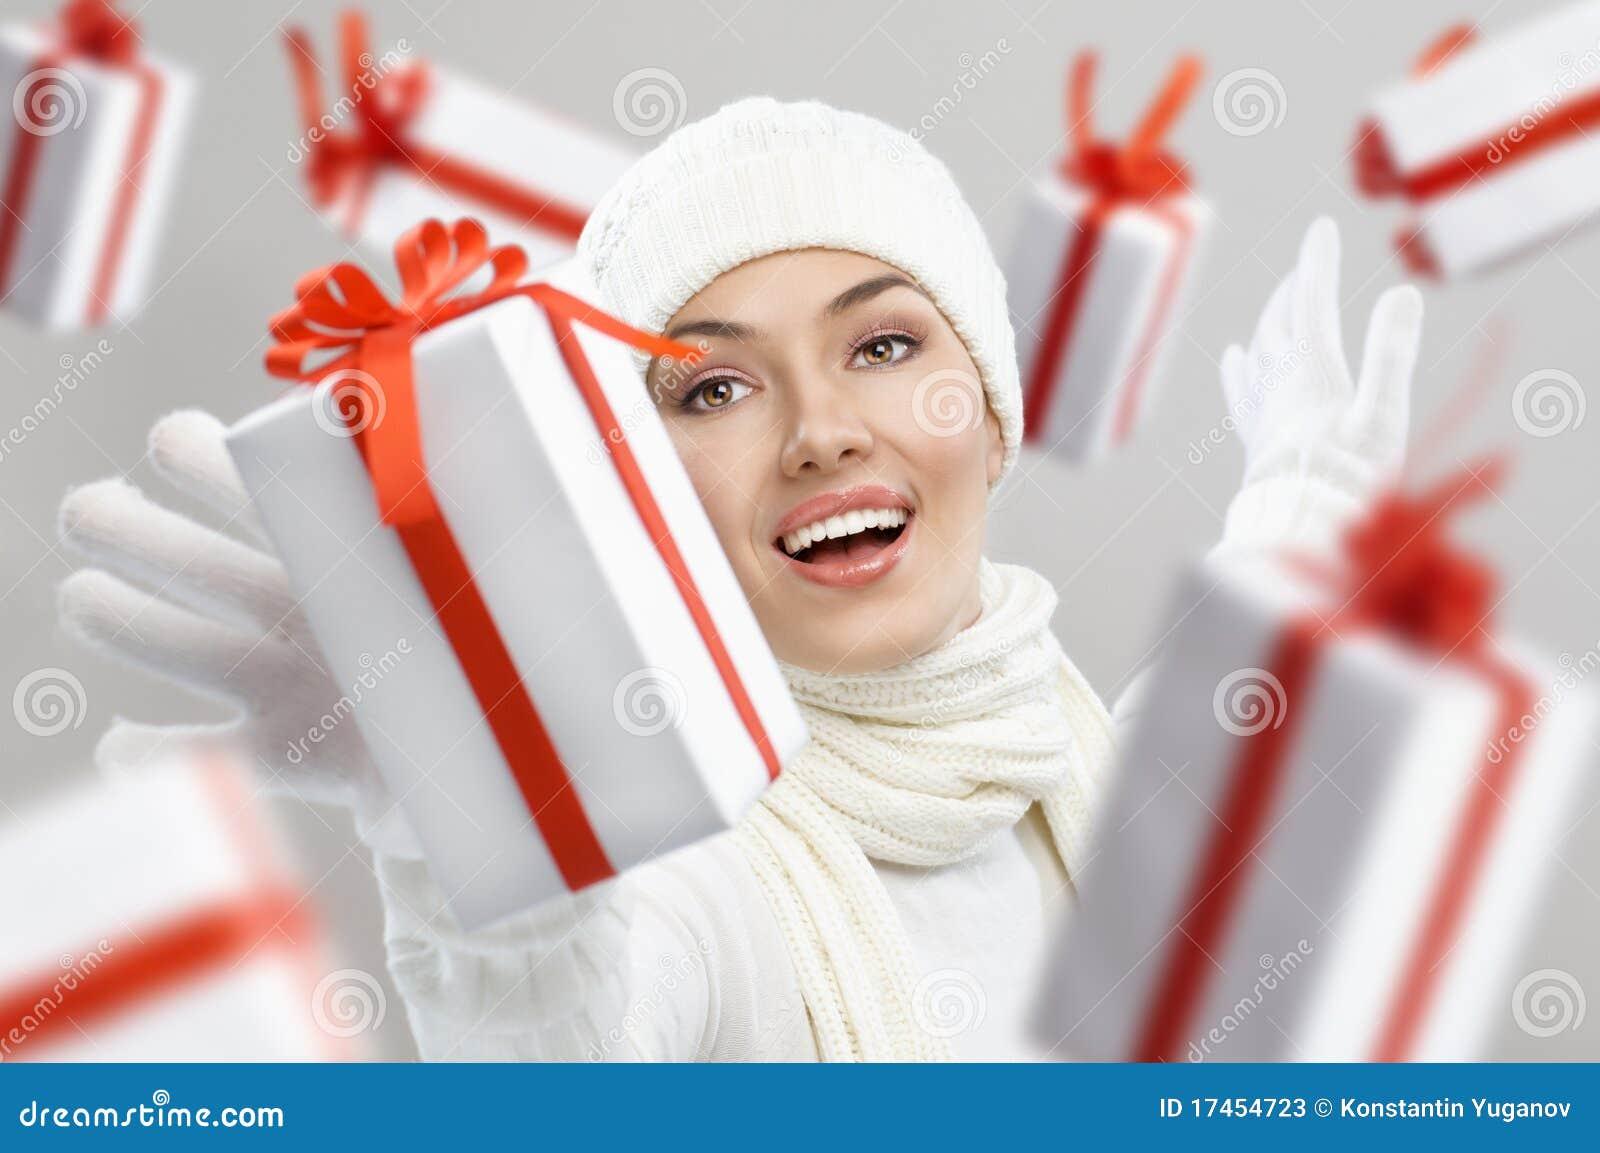 Weihnachtsgeschenke stockbild. Bild von person, farbband - 17454723